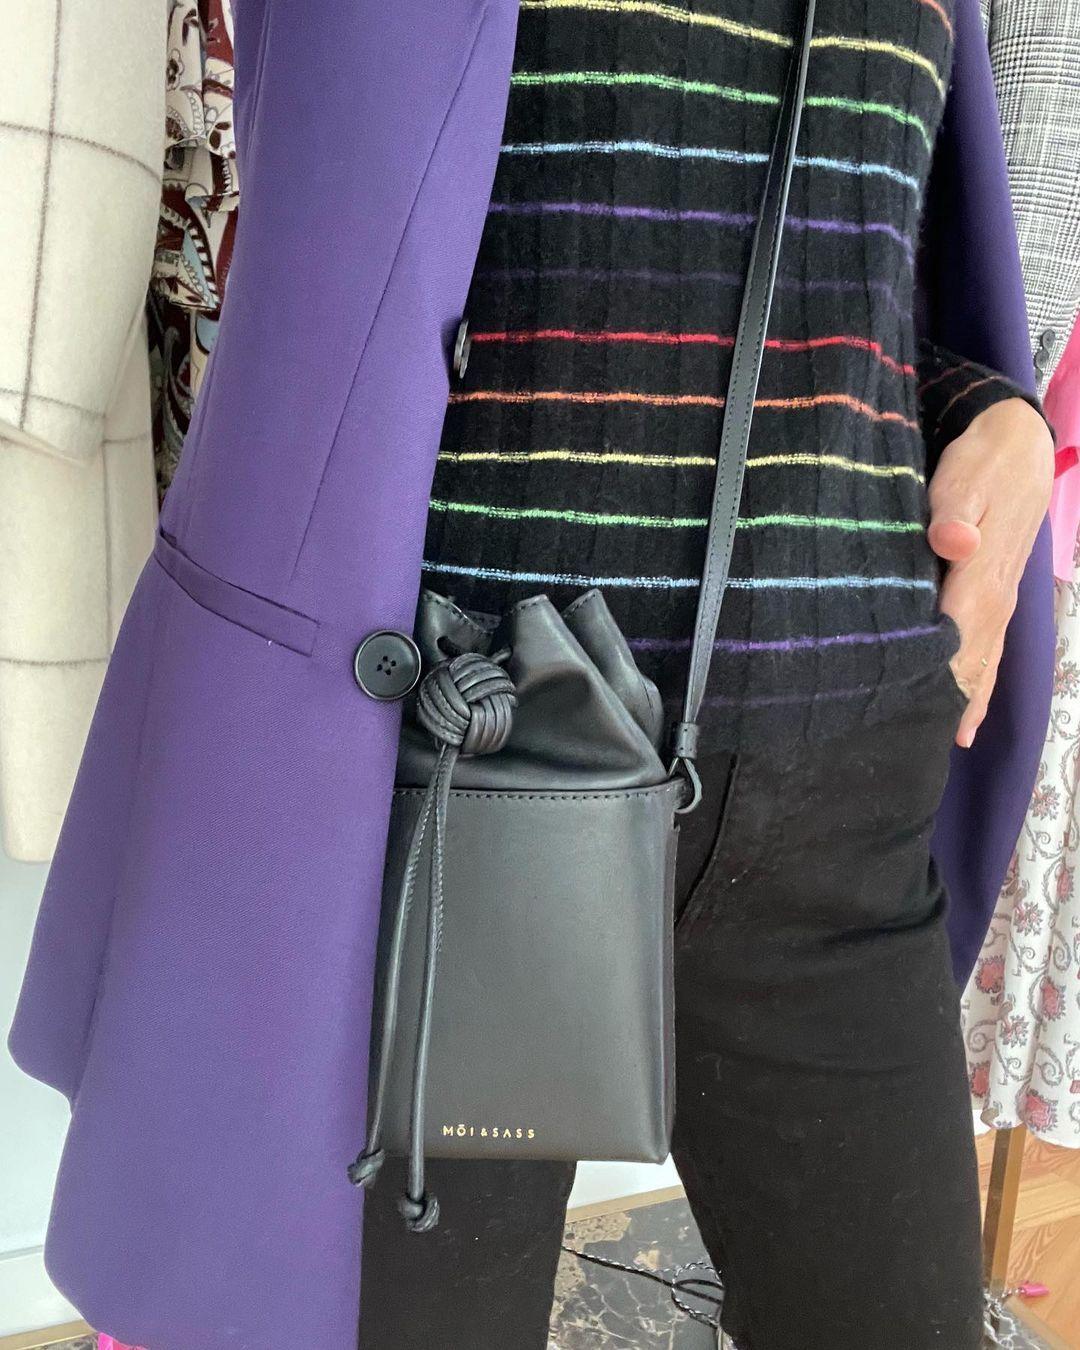 El bolso de Sassa de Osma, de su firma Moi&Sass.